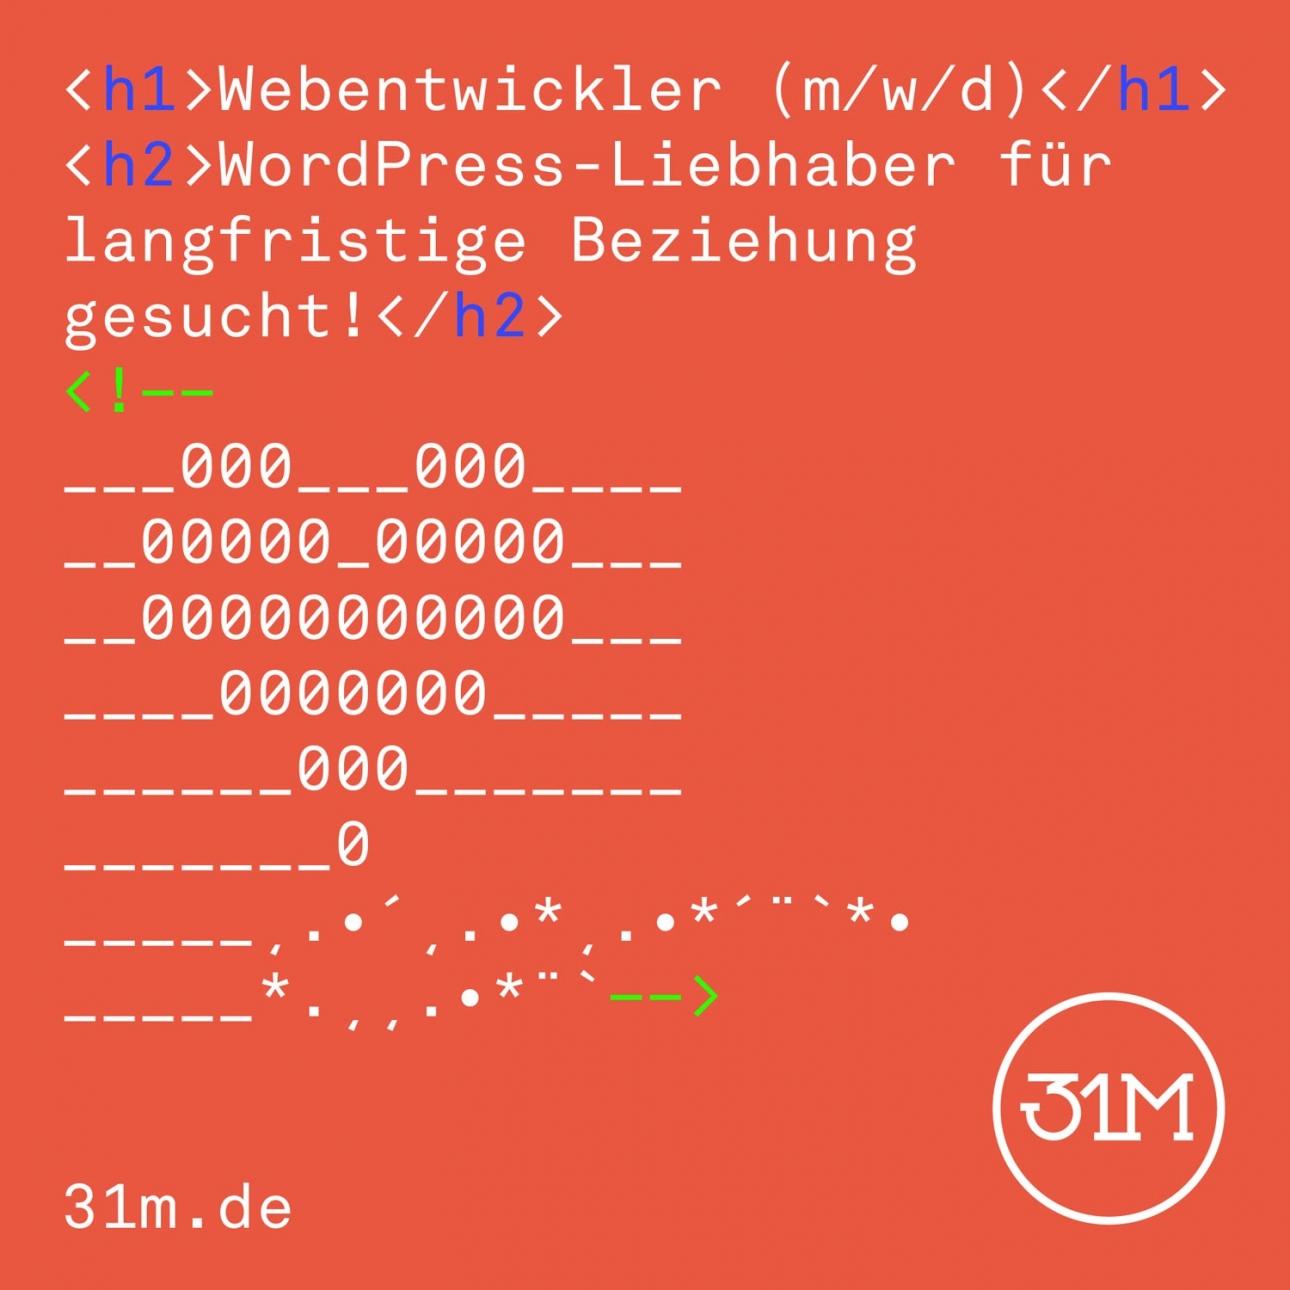 Webentwickler und Webdesigner (m/w/d) gesucht!